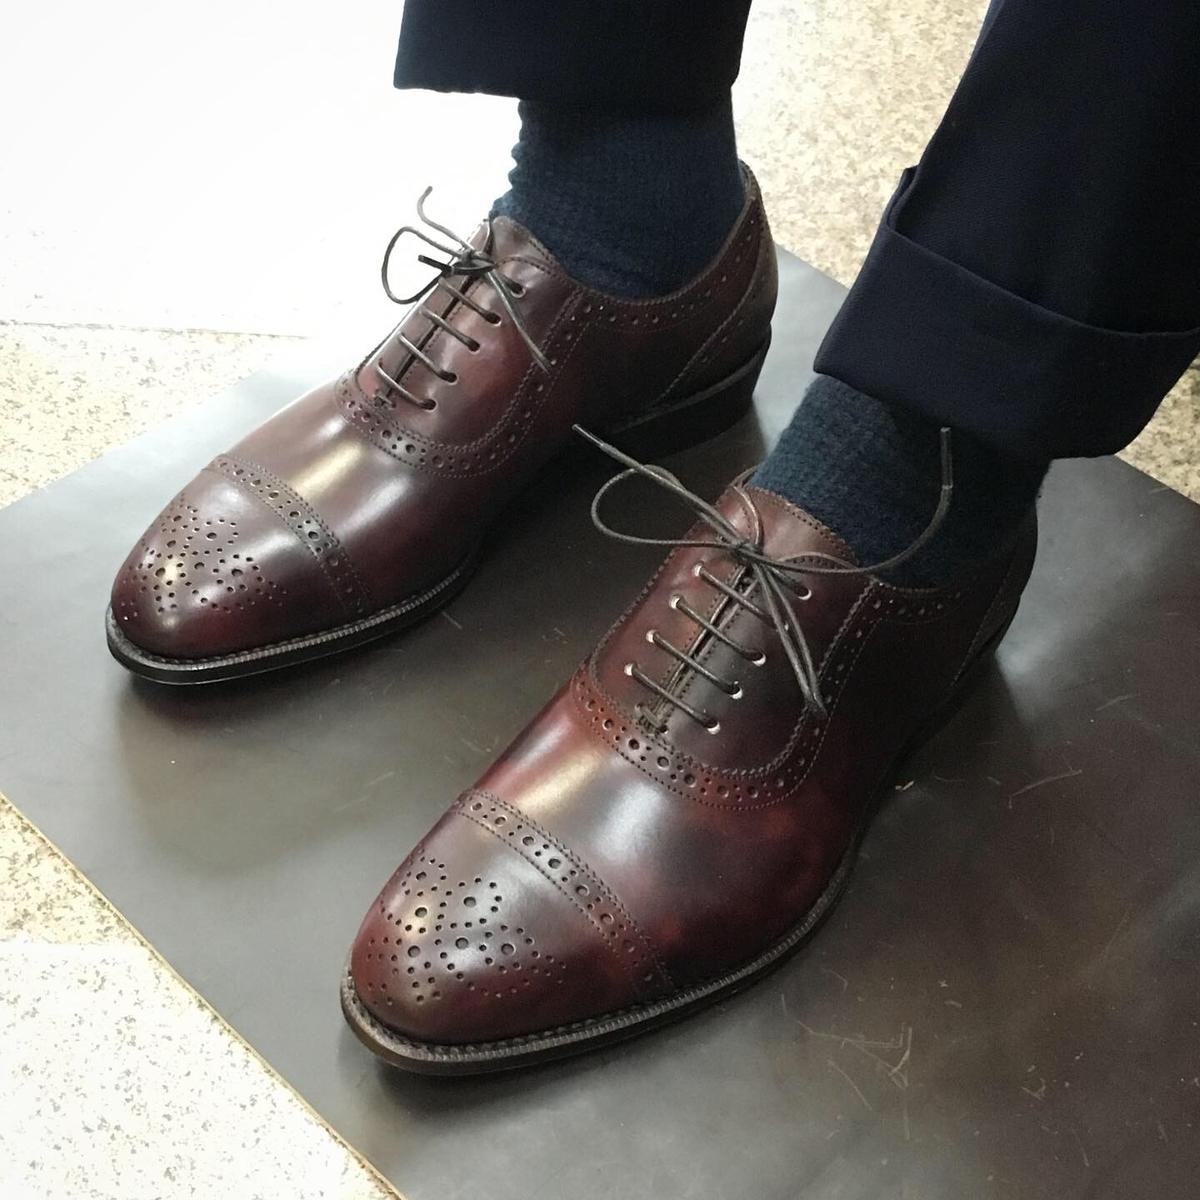 f:id:raymar-shoes:20190828214951j:plain